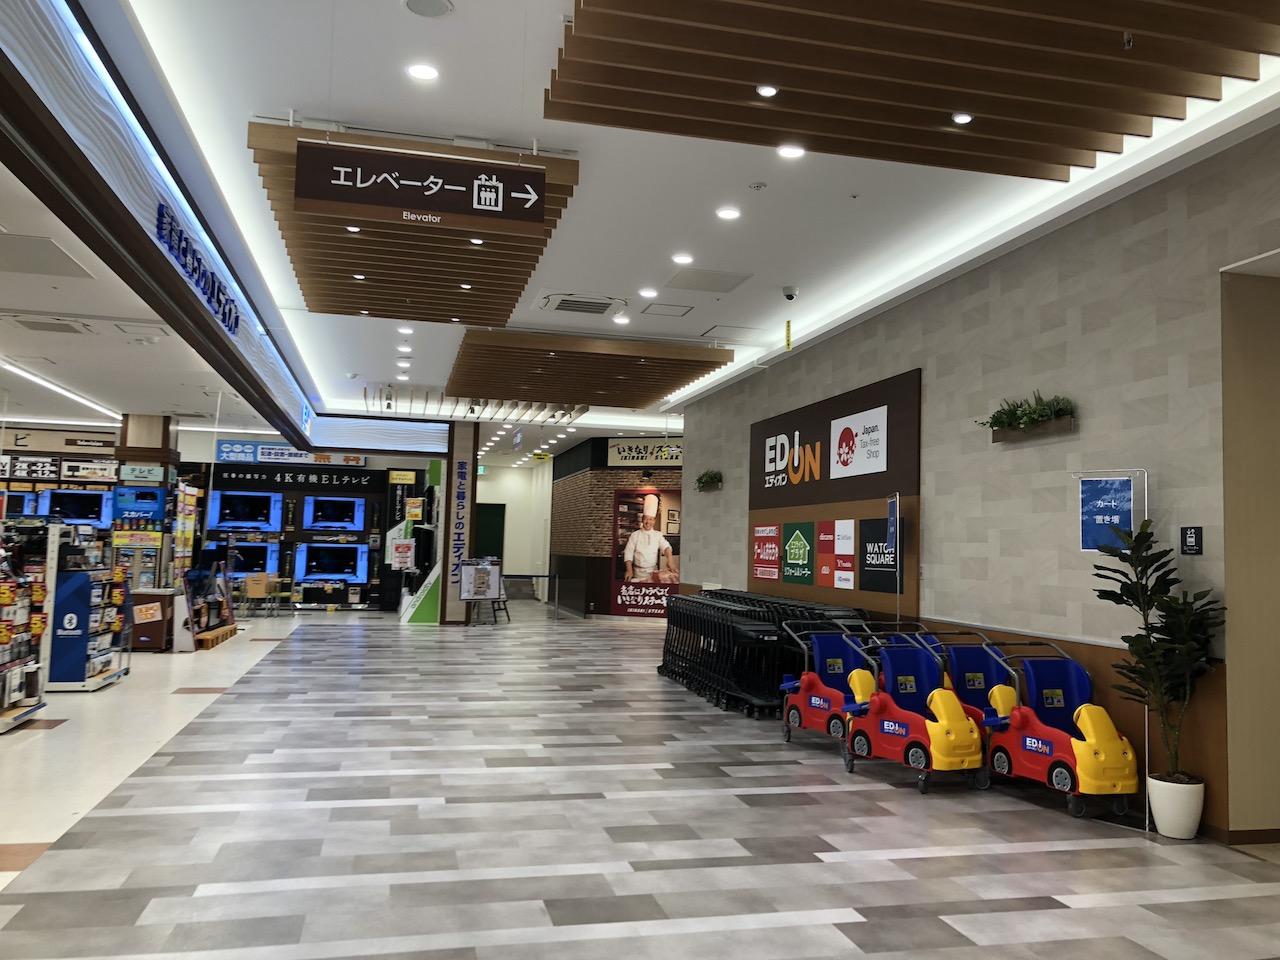 モントレ2階にできた「いきなりステーキ 姫路駅前店」に行ってきた!ランチは安い?駐車場はあるのか?